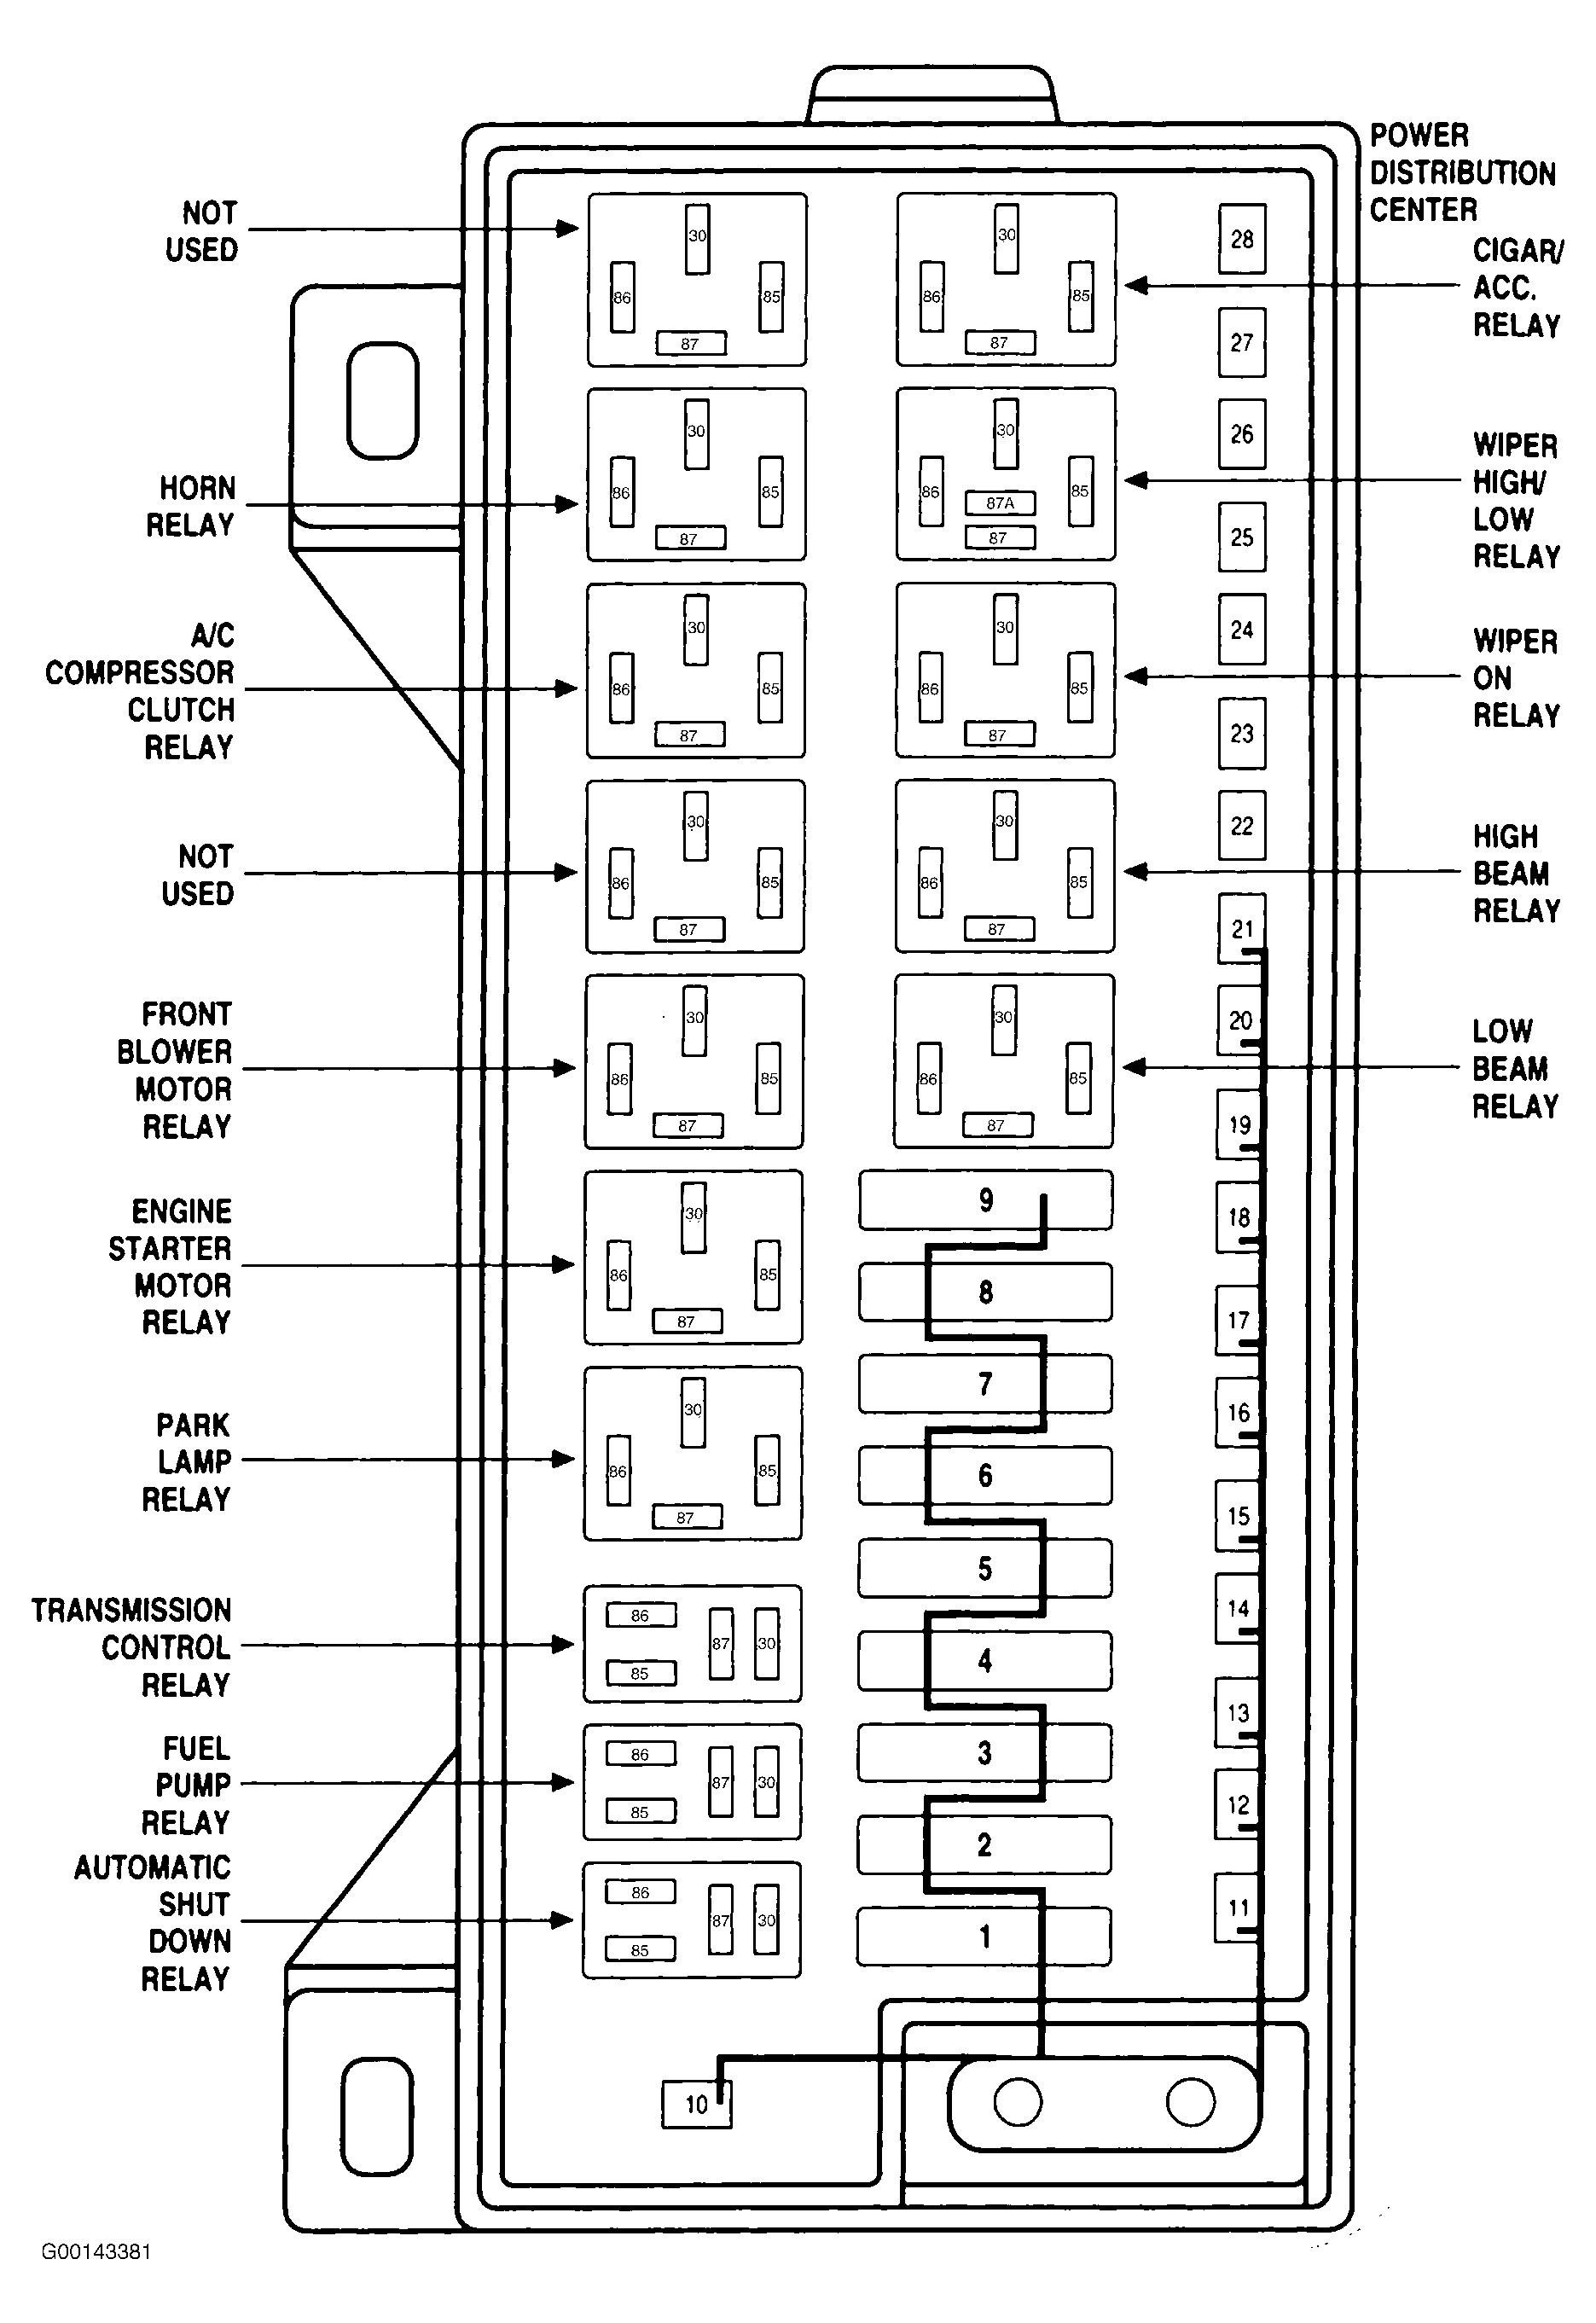 1999 mazda 626 fuse box diagram photograph